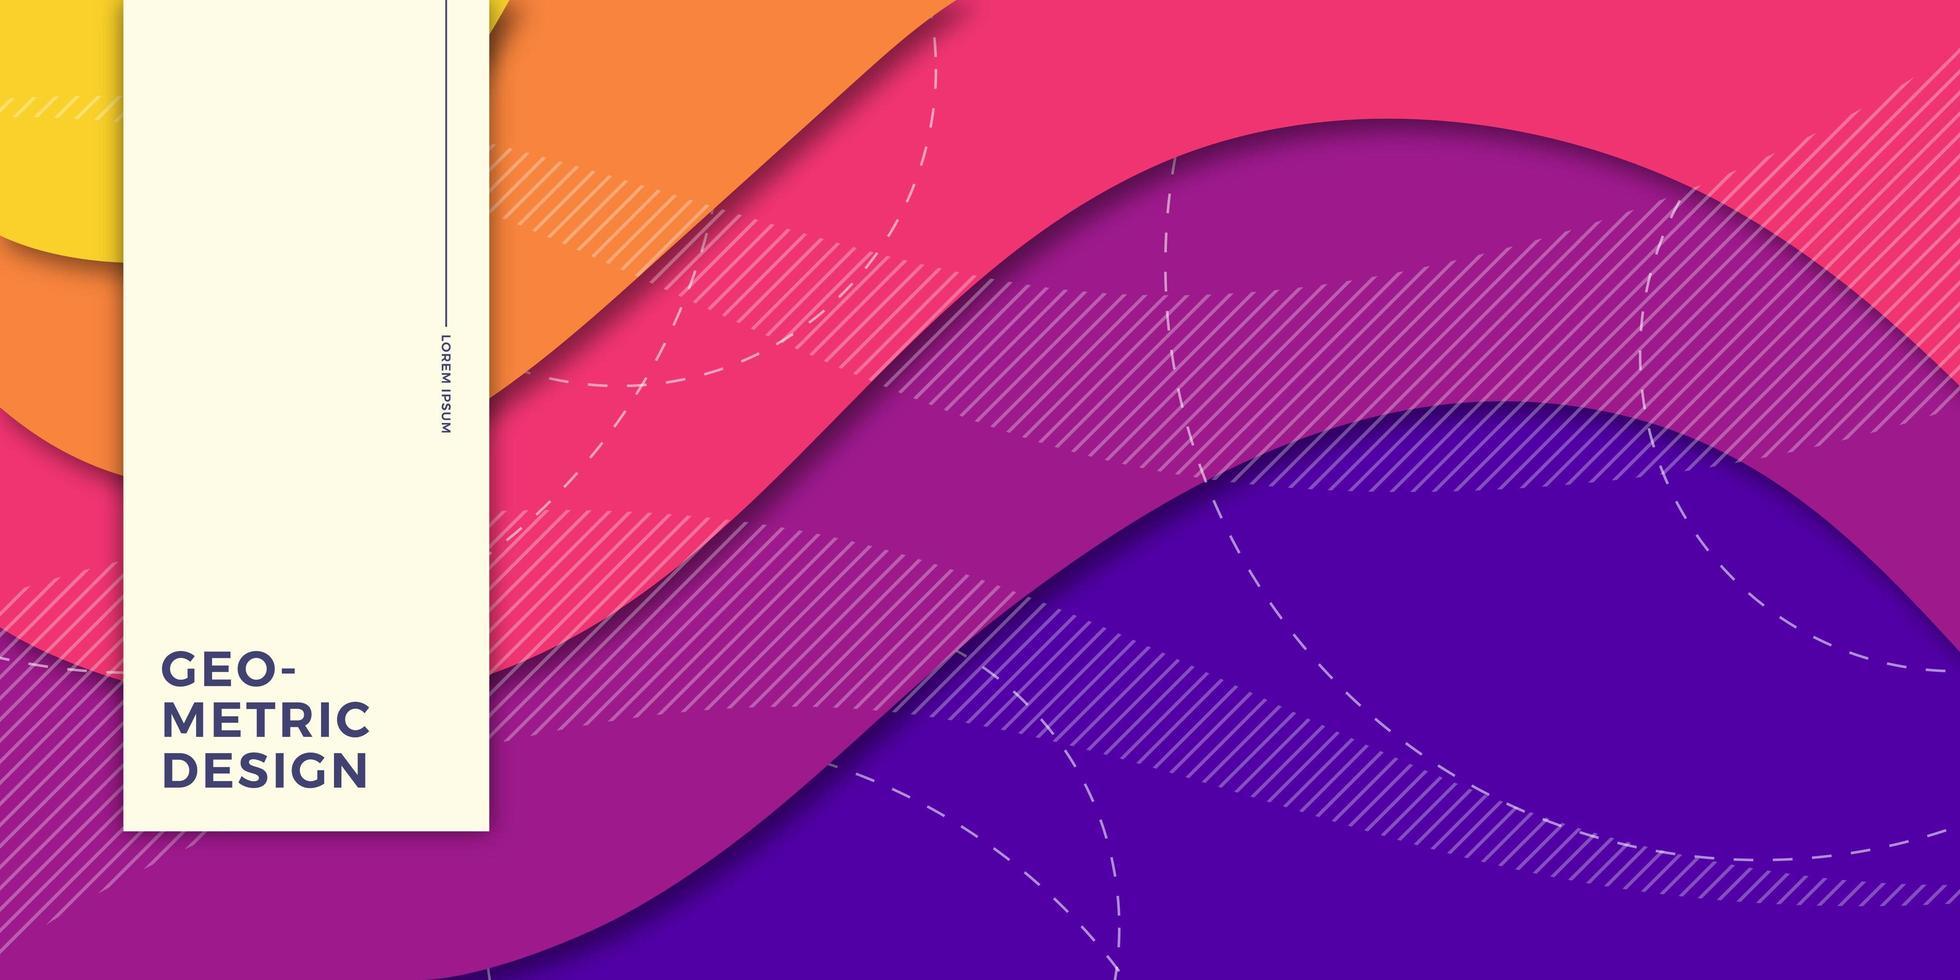 regenboogachtergrond met abstracte vormen vector